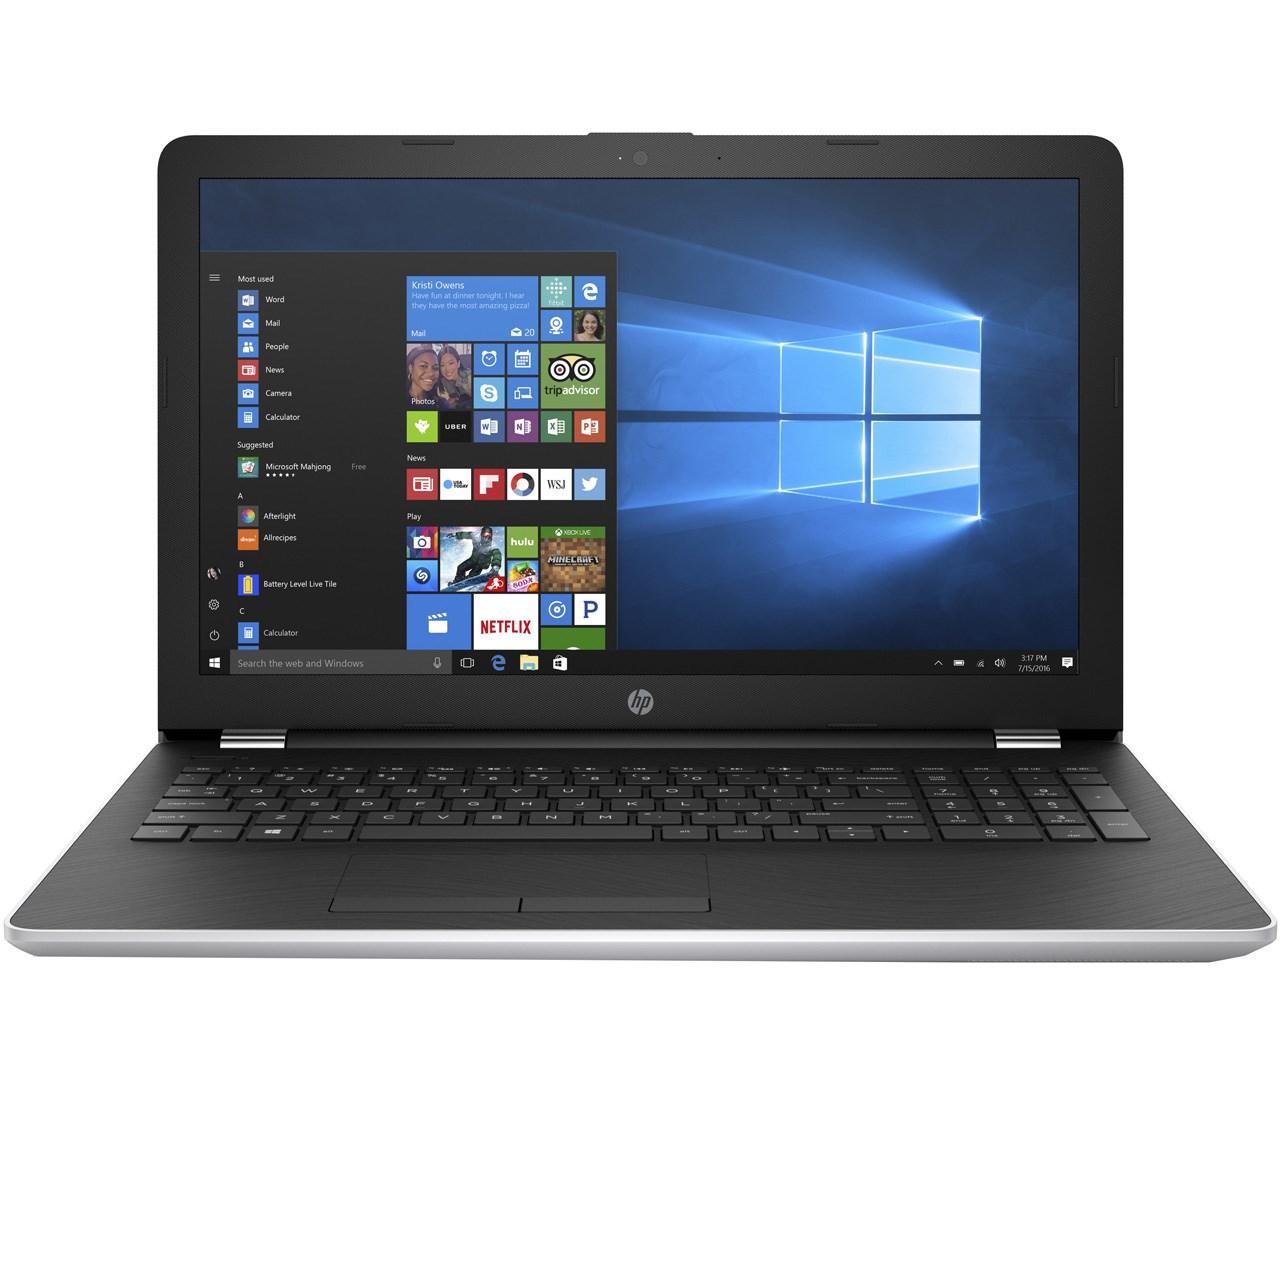 لپ تاپ 15 اینچی اچ پی مدل 15-bs086nia